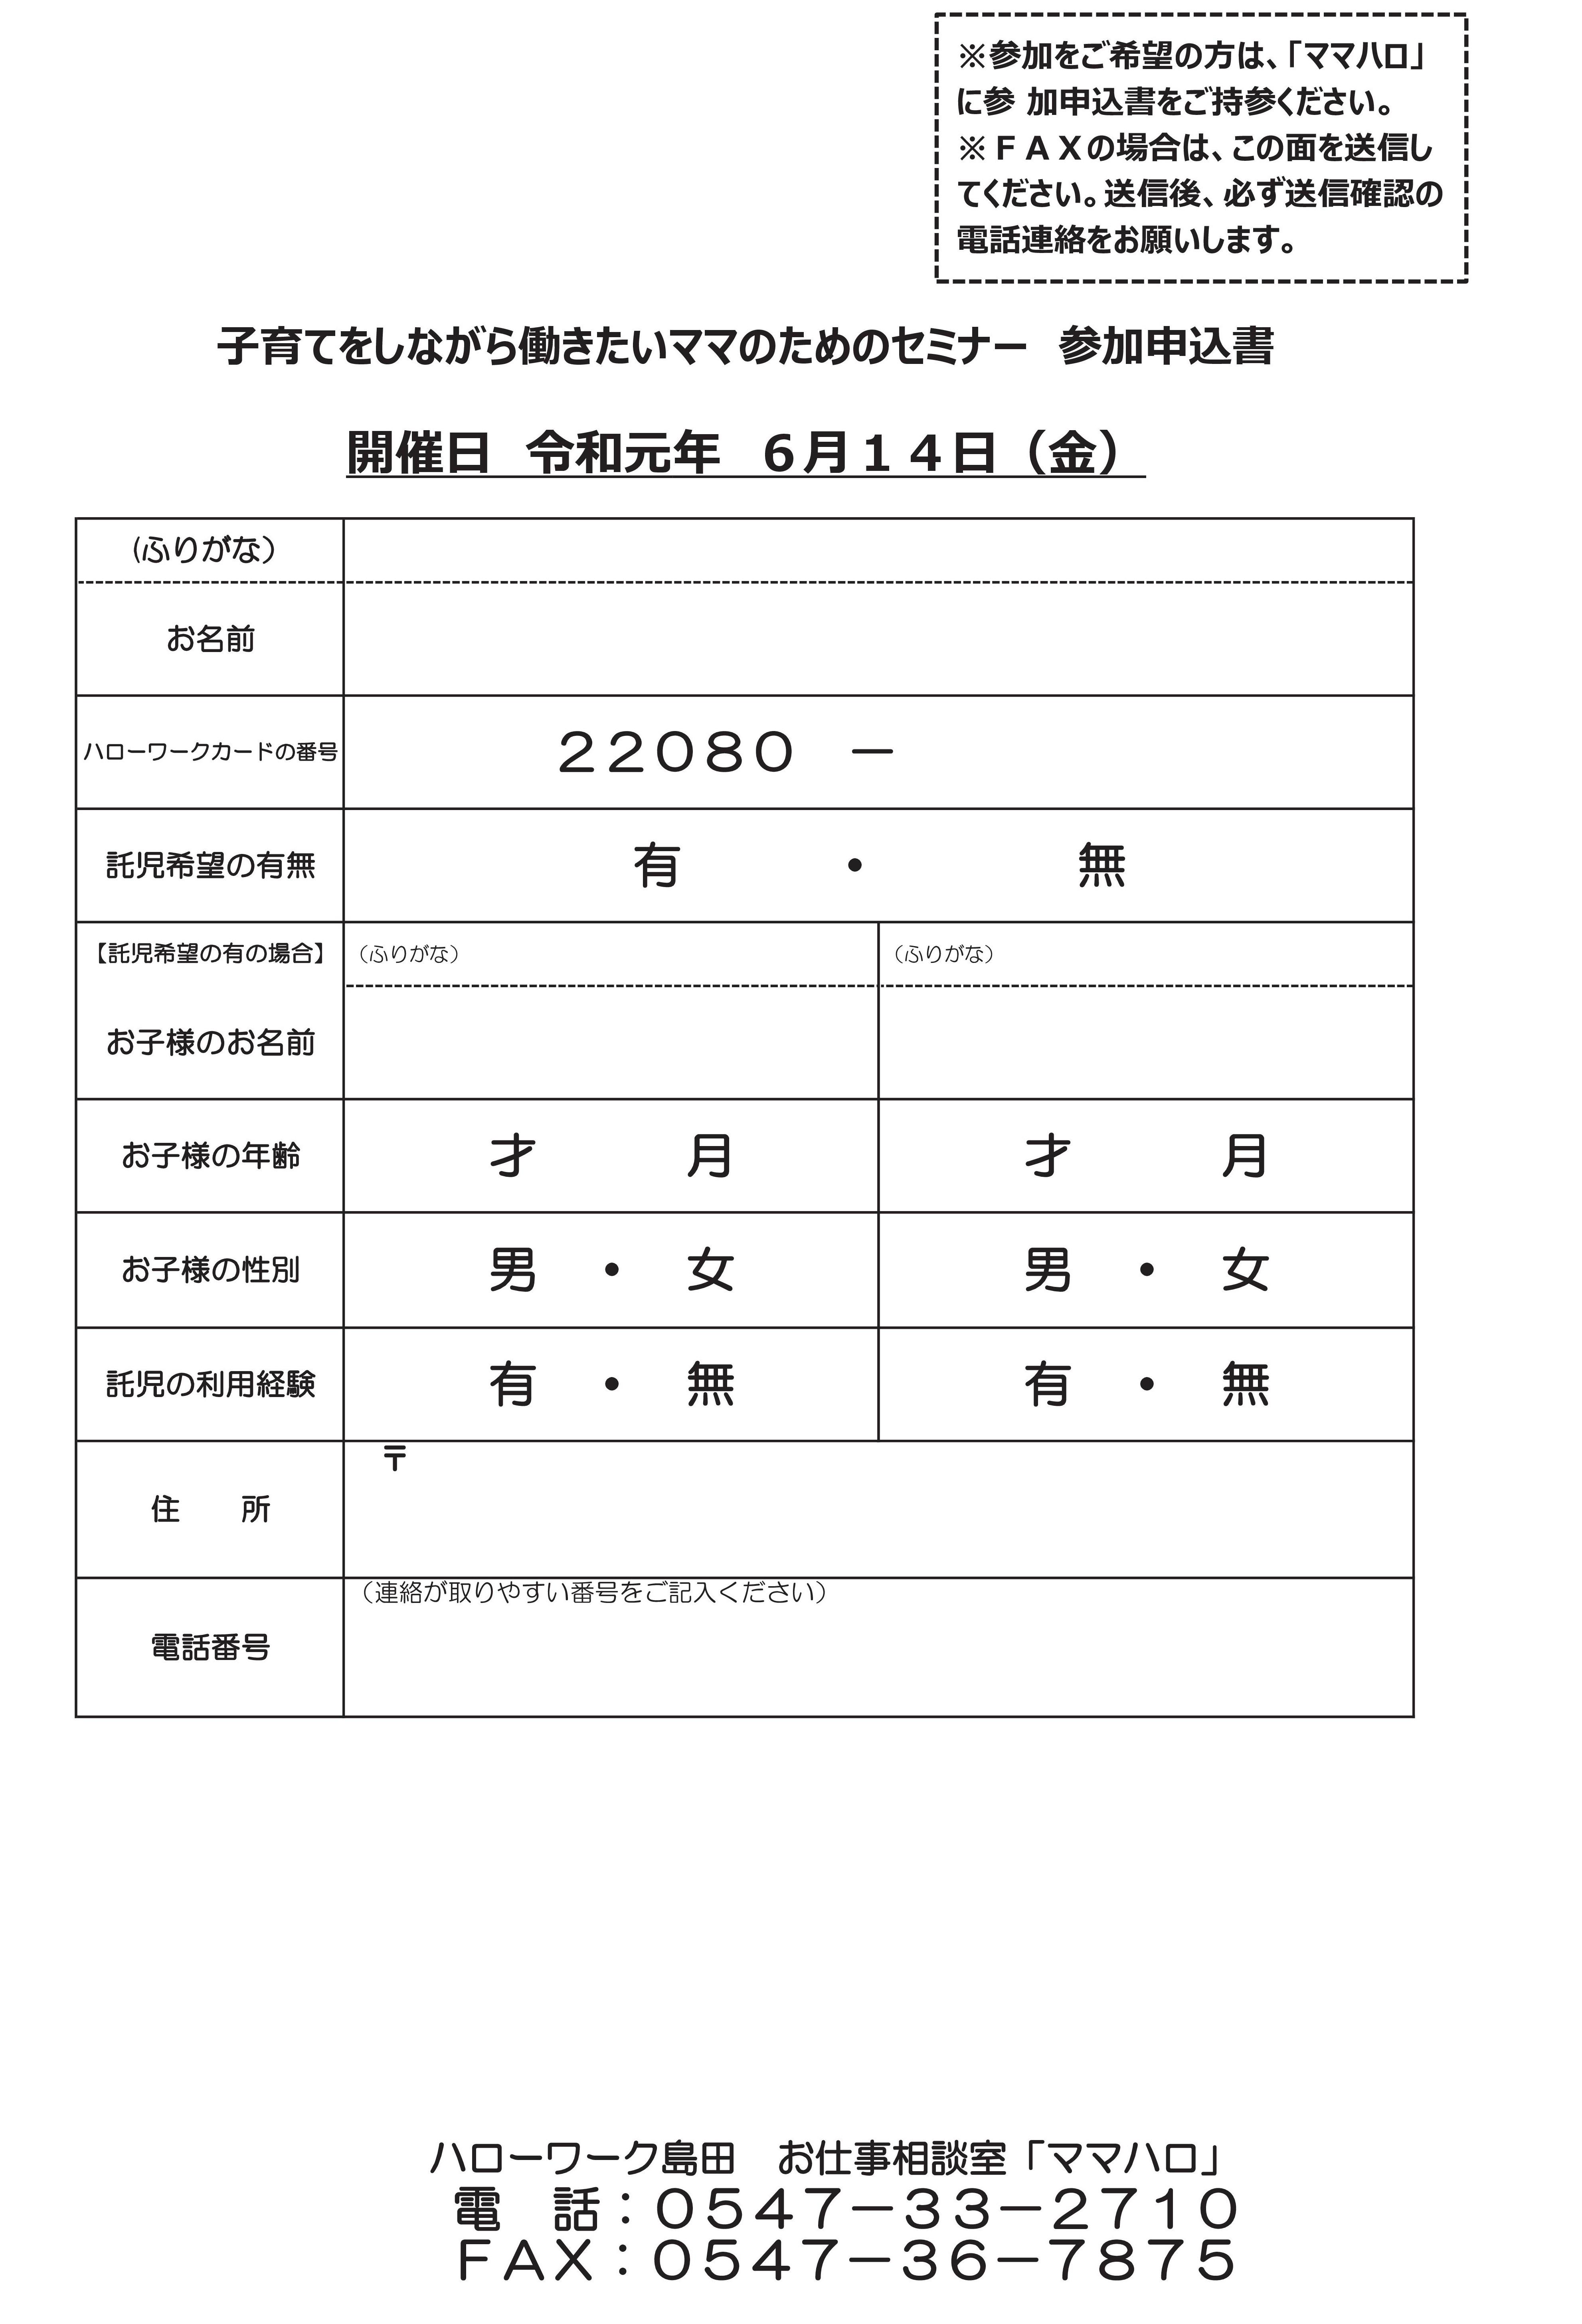 3106 井野講師-02